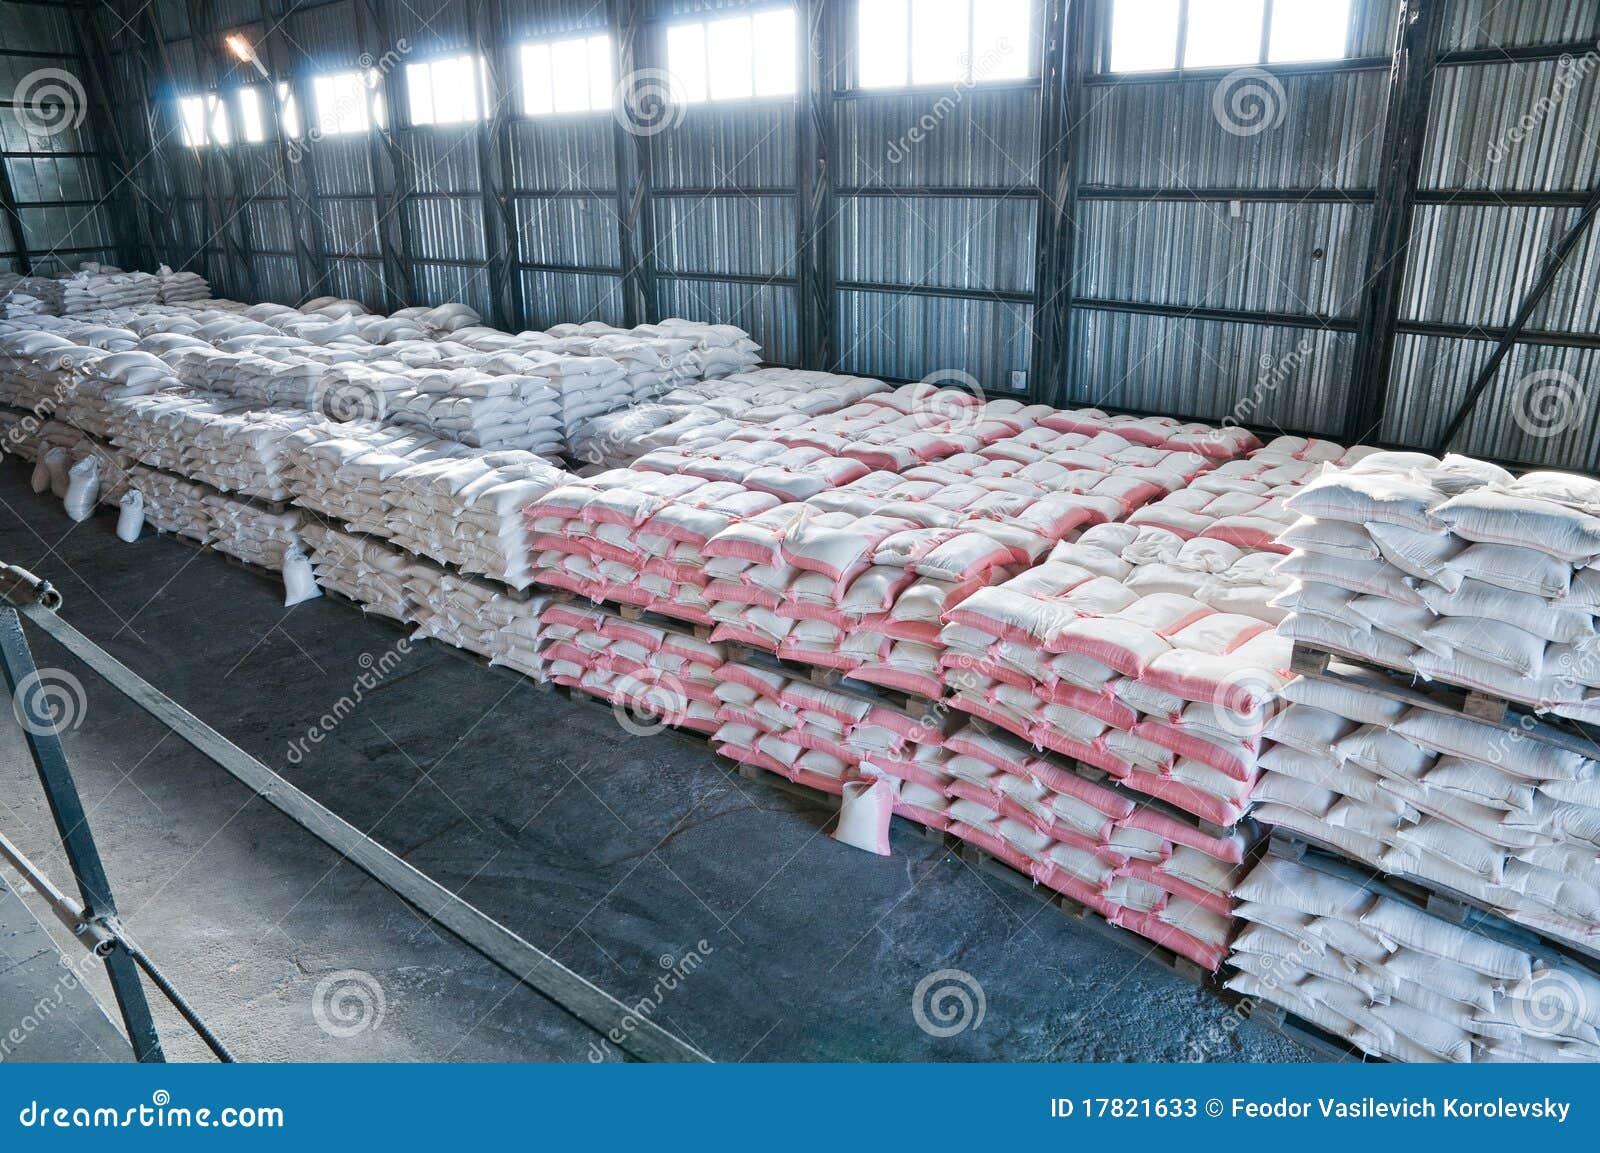 Finished Goods Warehouse Stock Photos Image 17821633